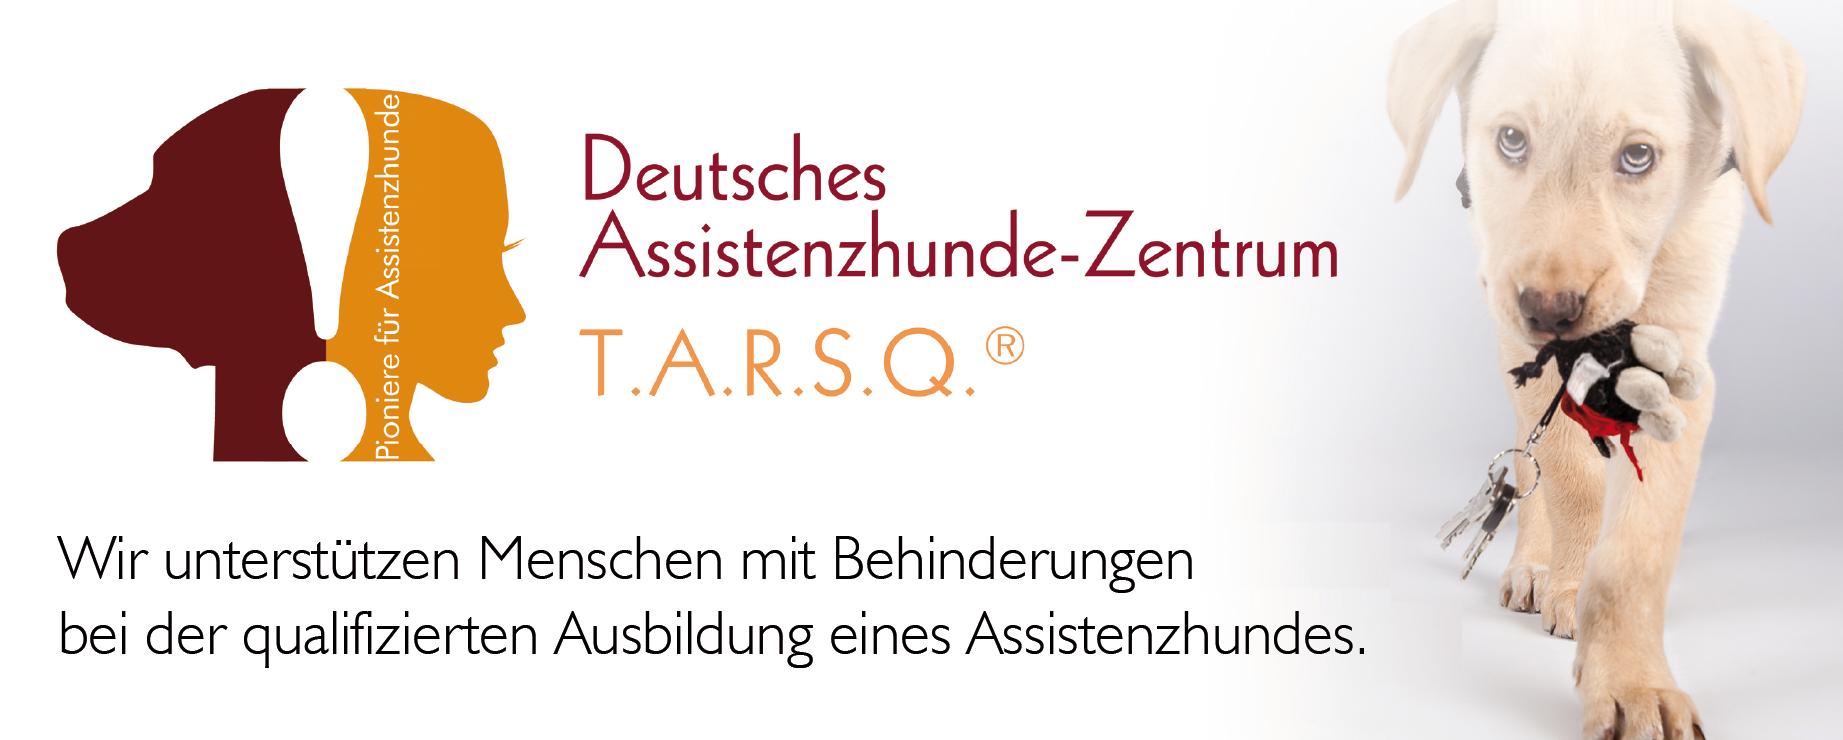 assistenzhunde-zentrum_banner